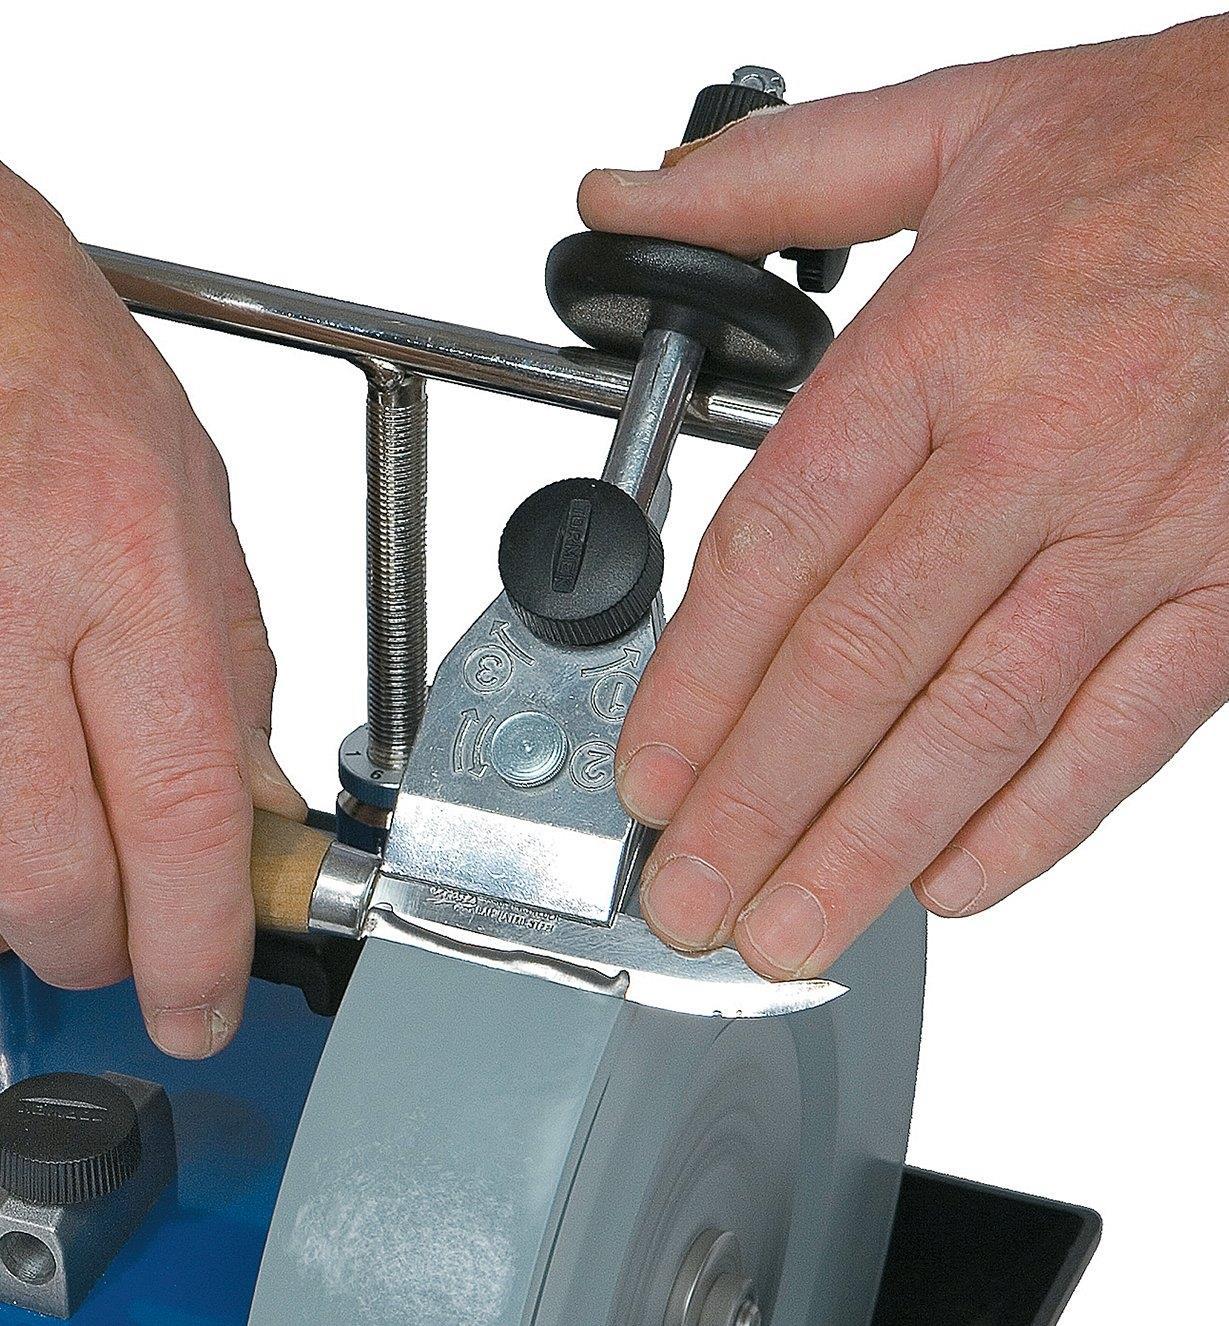 68M0119 - Tormek Small Knife Jig